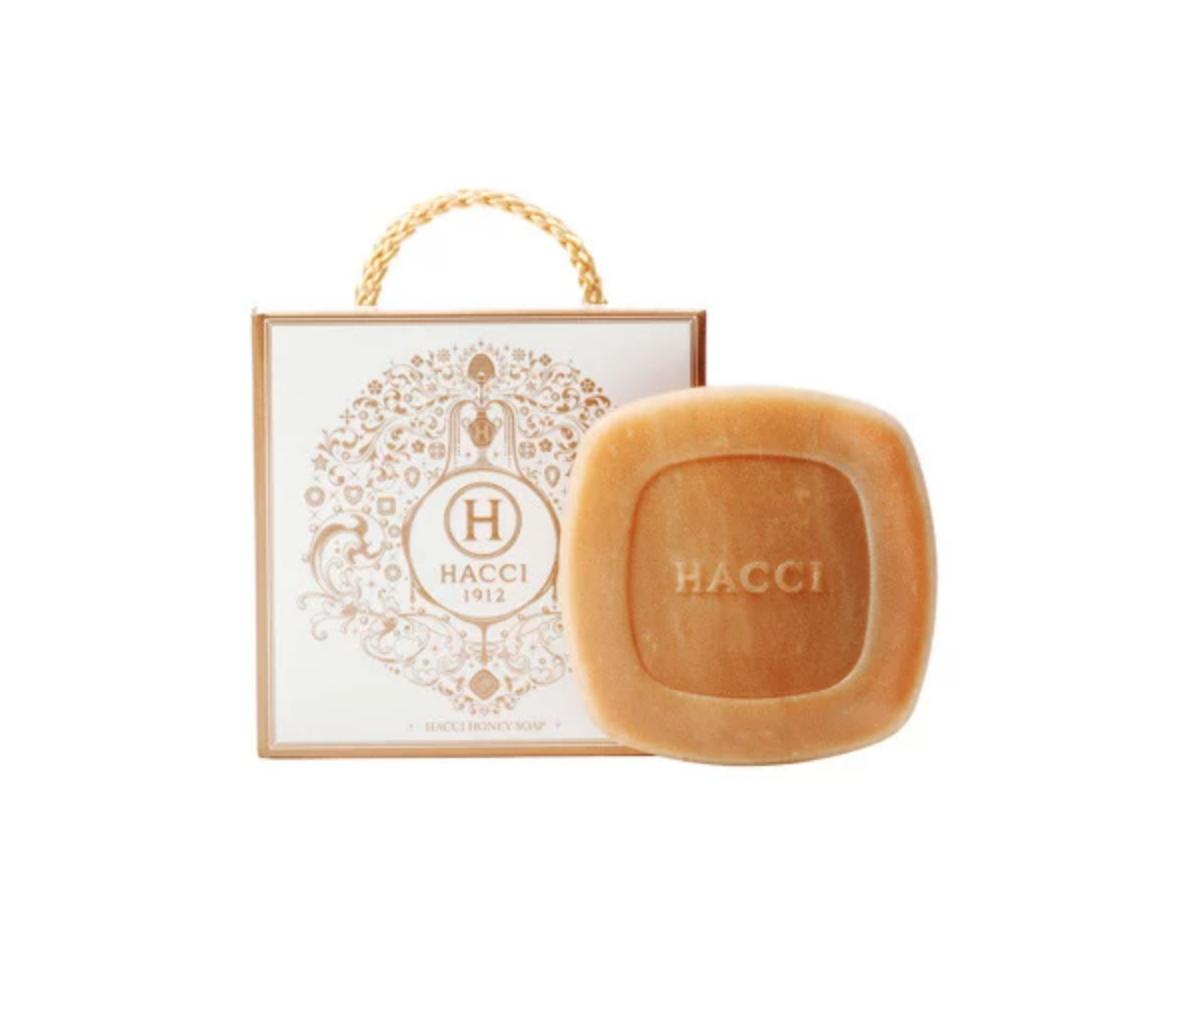 HACCI(ハッチ) はちみつ洗顔石けん